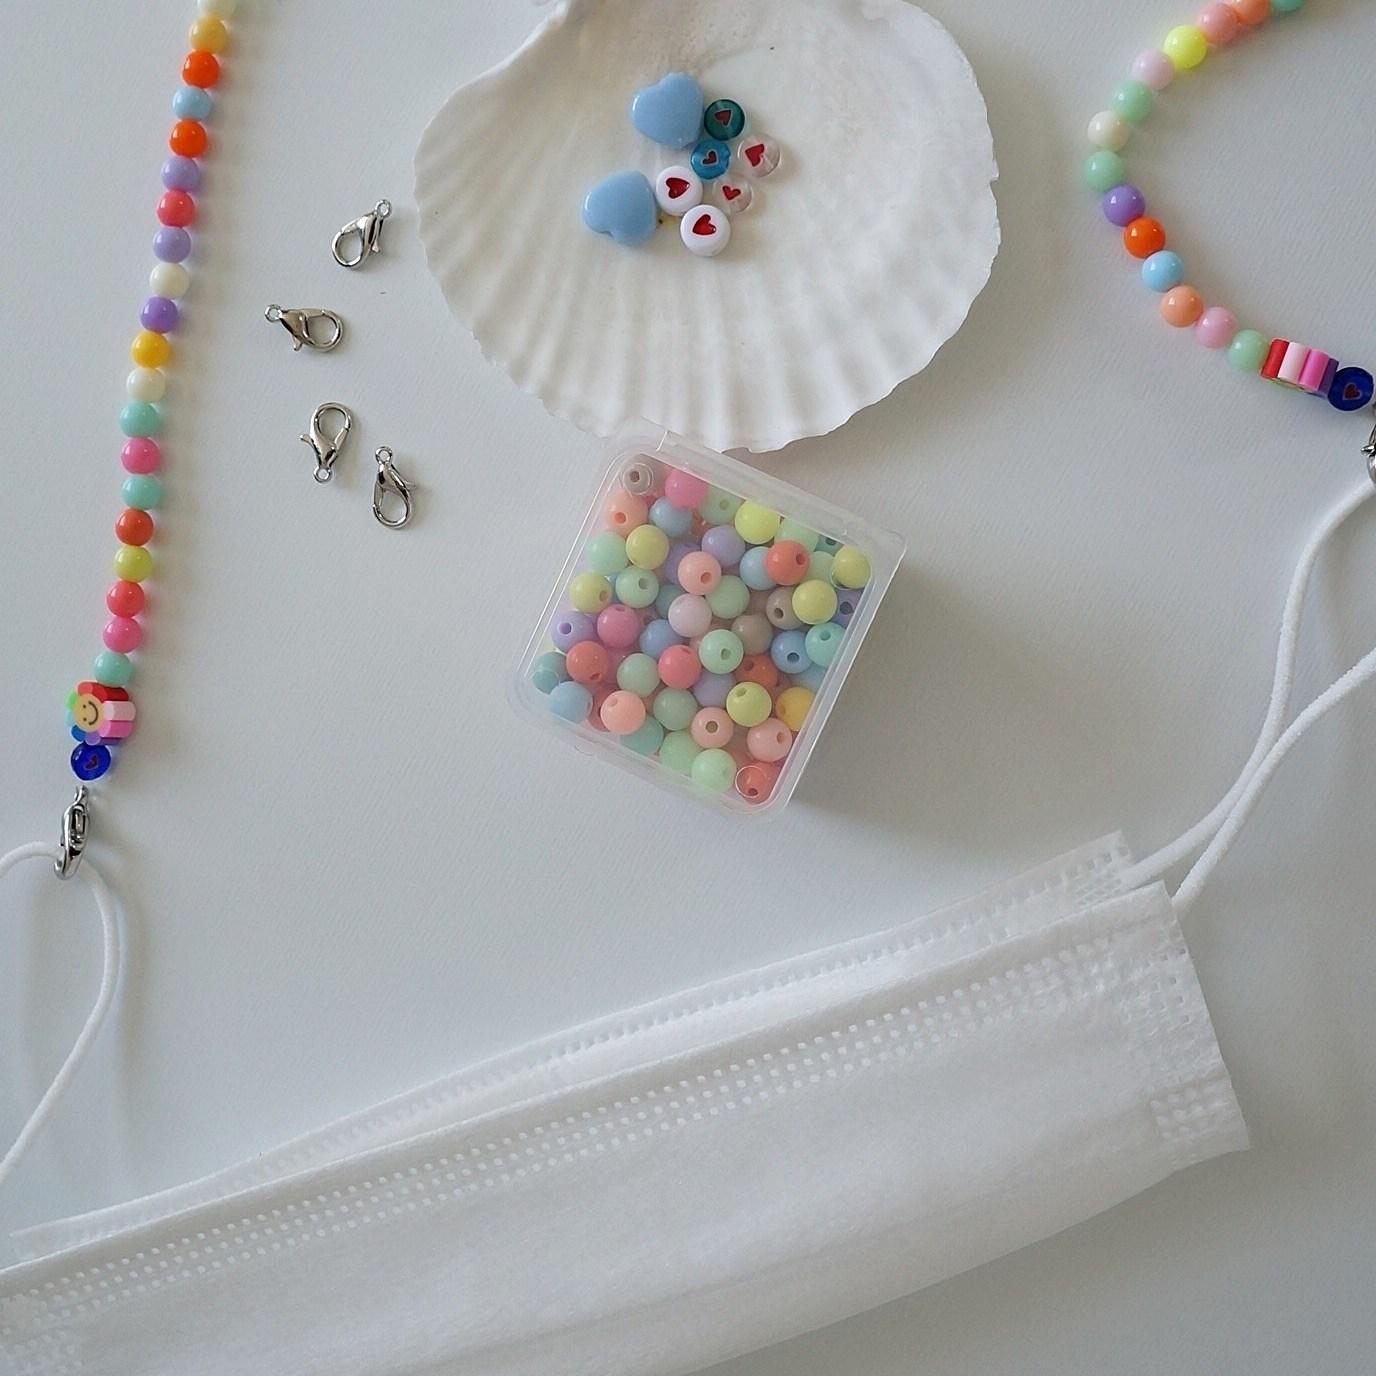 샤론델 비즈마스크목걸이 만들기 미니세트(2개 제작)/마스크스트랩만들기 어린이집만들기 초등학교만들기 중학교만들기